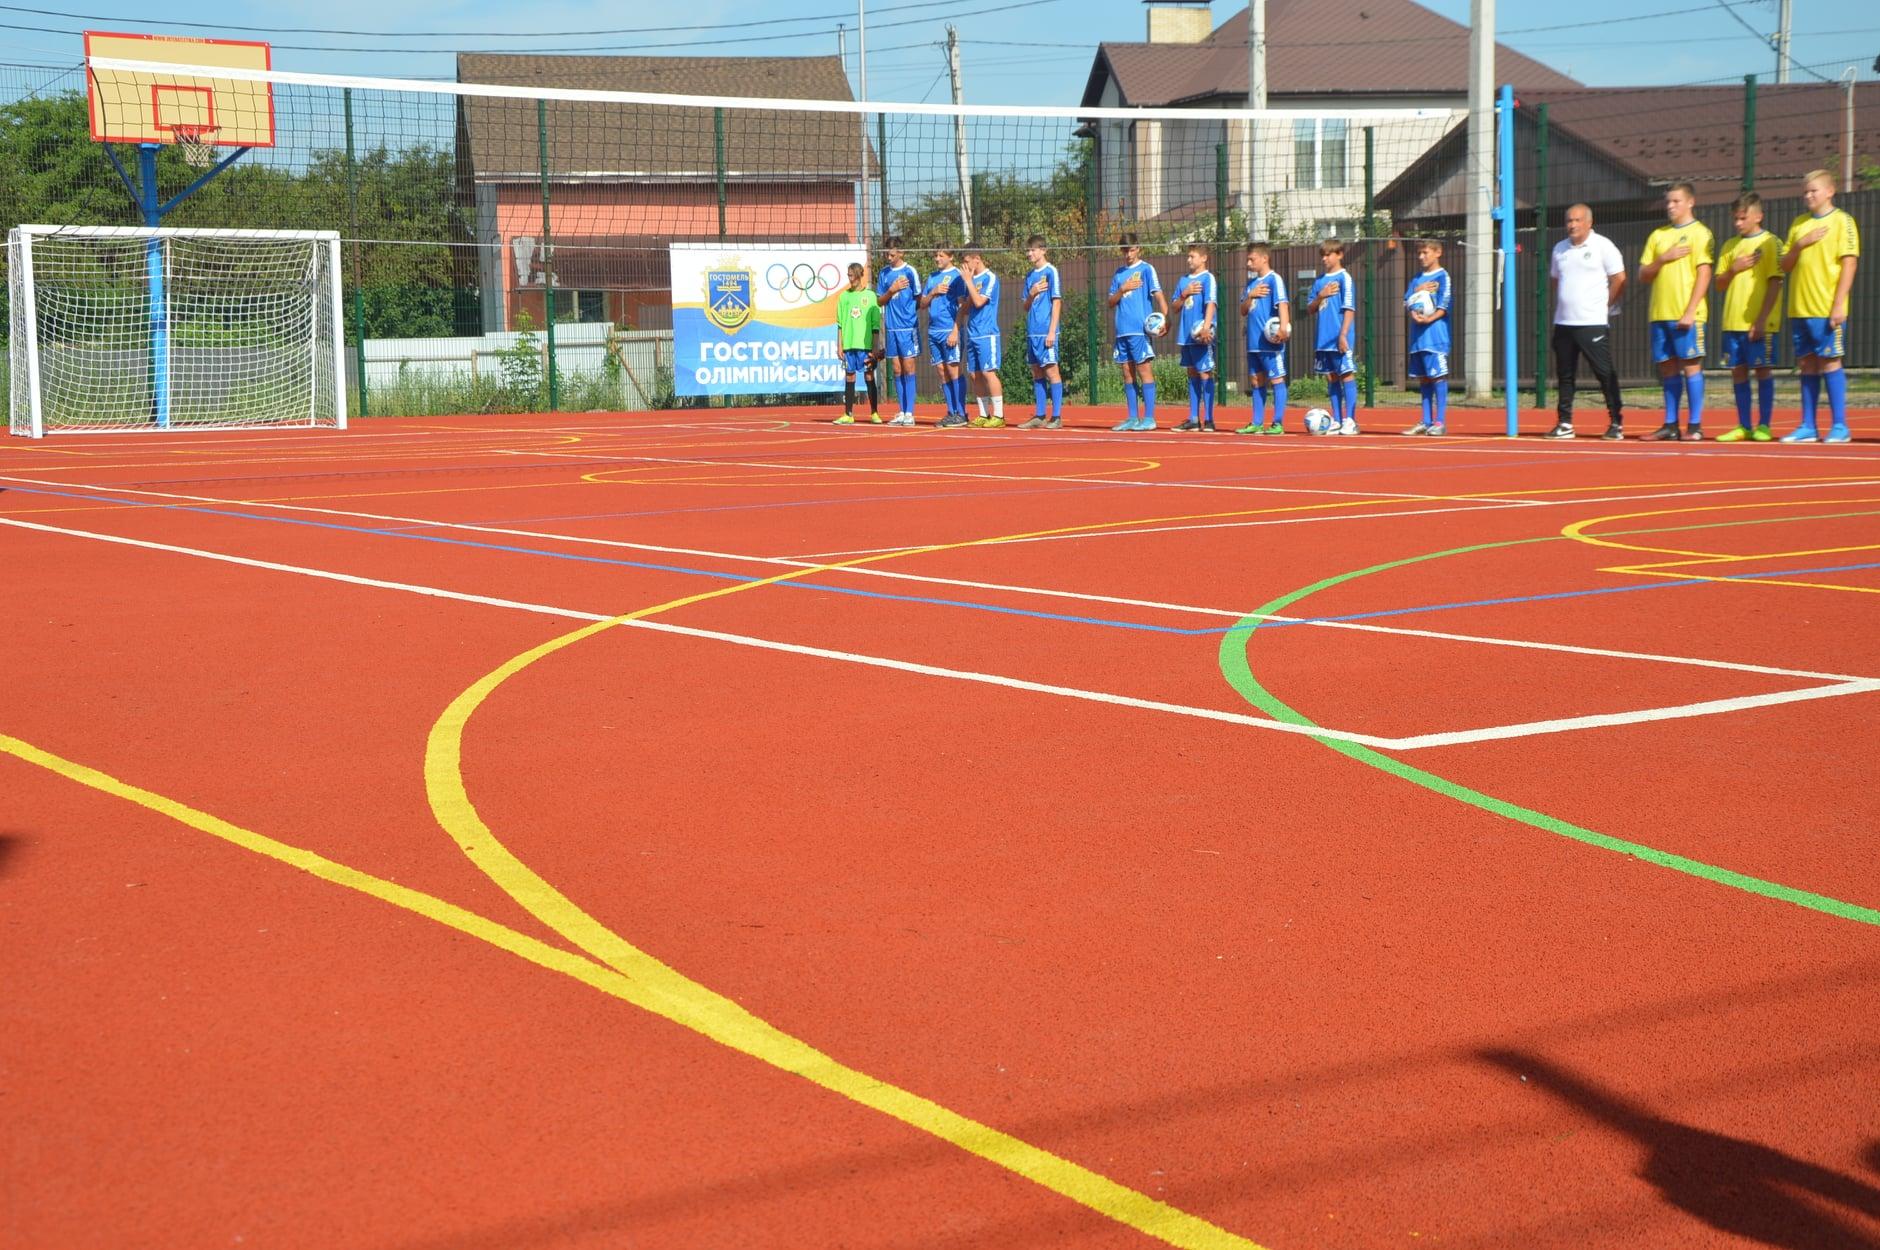 Відкриття мультифункціонального спортивного майданчика в Гостомелі. фото